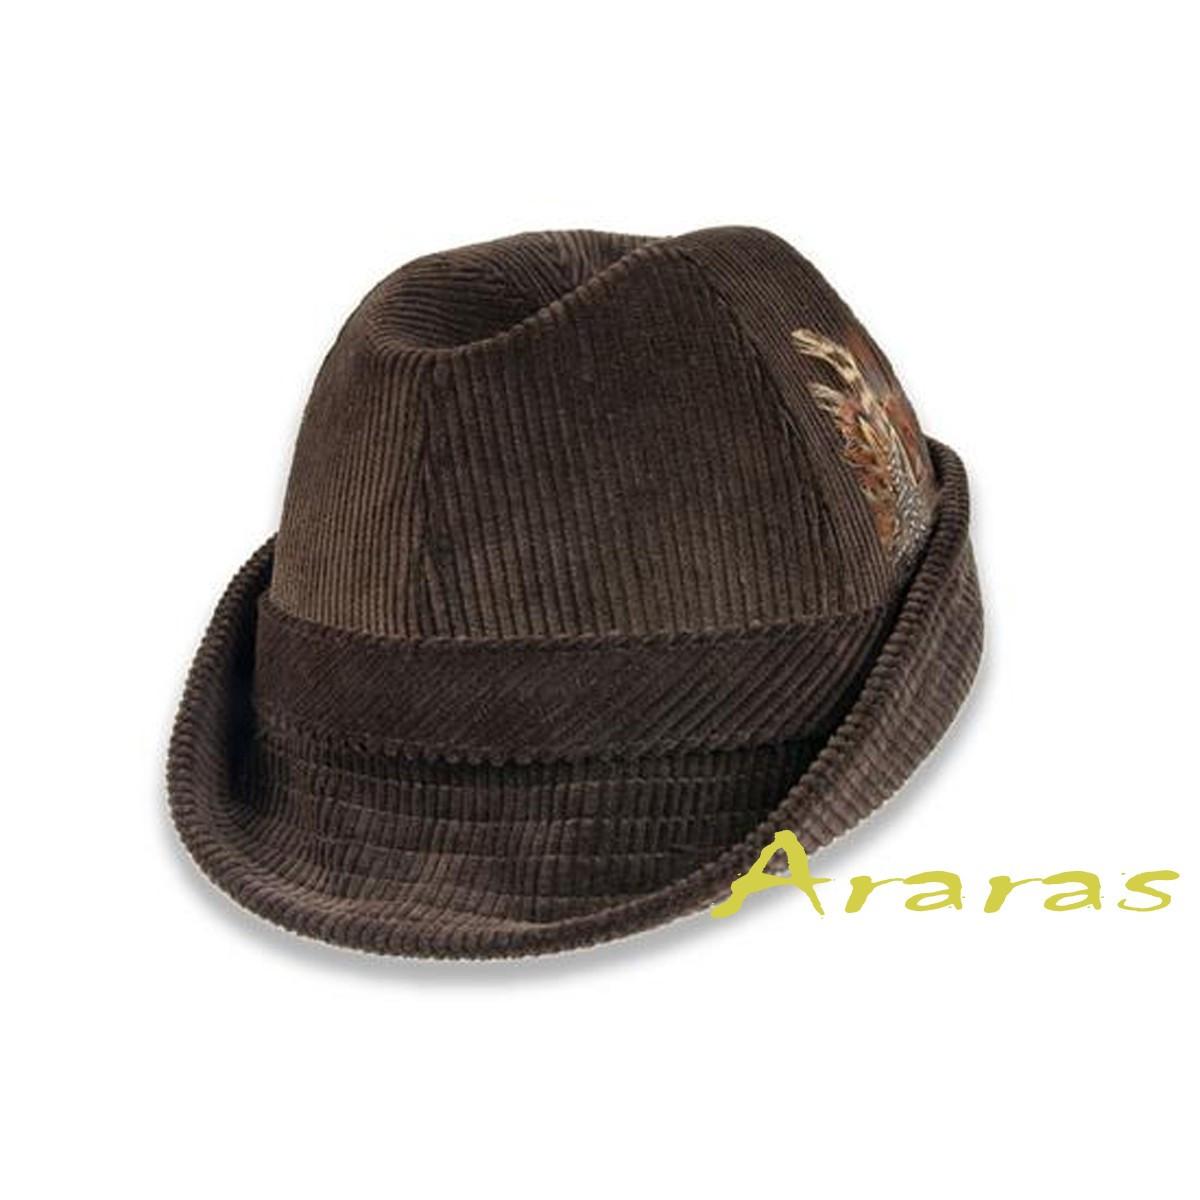 7563c1808de09 Sombrero Tirolés cosido de pana ala corta color marrón decorado con pluma.